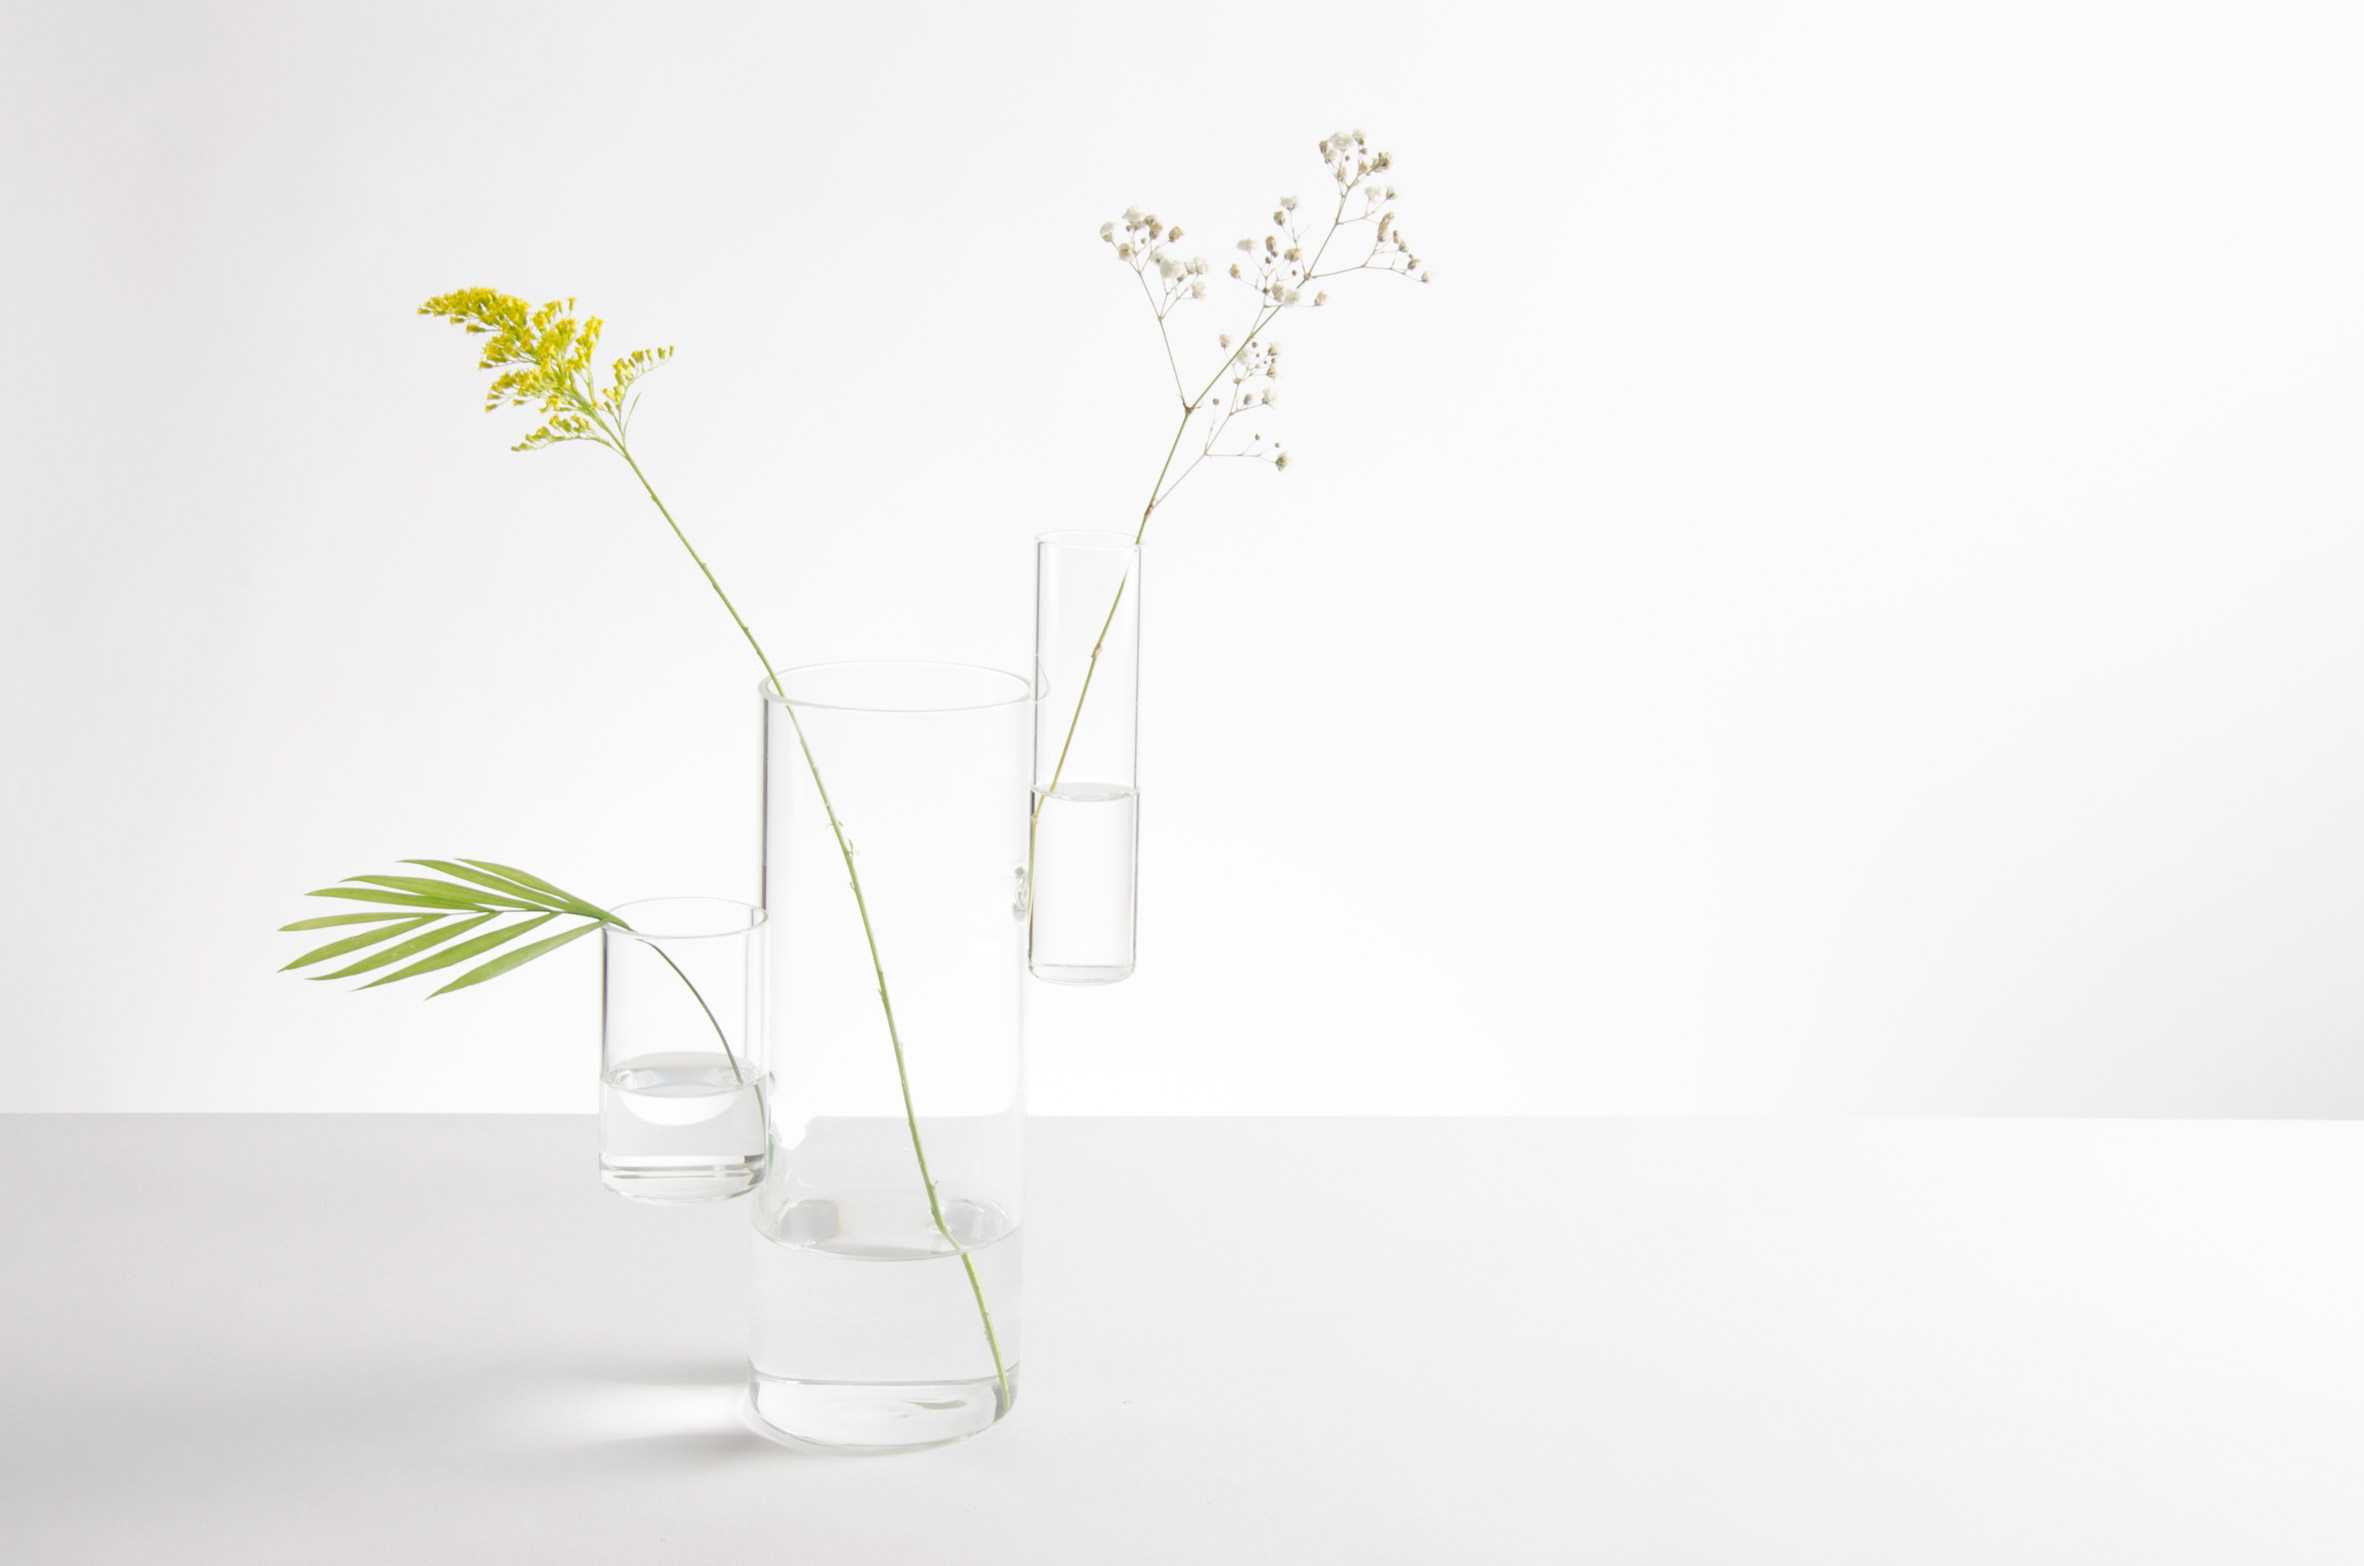 Playful Flower Vases by Designer Moises Hernandez